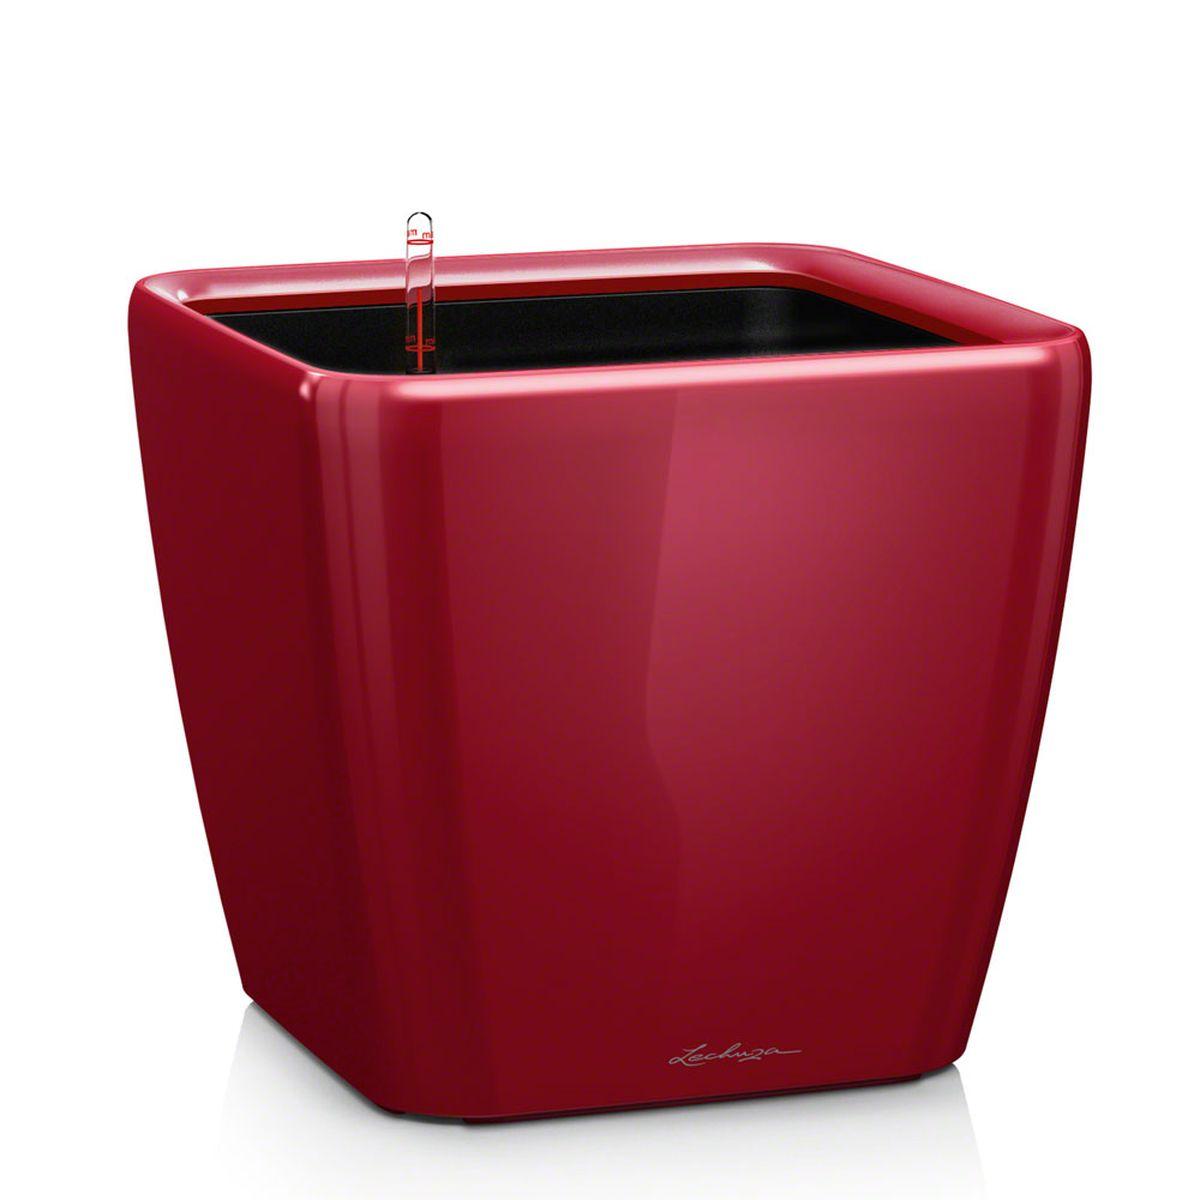 Кашпо Lechuza Quadro, с системой автополива, цвет: красный, 21 х 21 х 20 см13344Кашпо Lechuza Quadro, выполненное извысококачественного пластика, имеет уникальную системуавтополива, благодаря которой корневая система растениянепрерывно снабжается влагой из резервуара. Уровень водыв резервуаре контролируется с помощью специальногоиндикатора. В зависимости от размера кашпо и растенияводы хватает на 2-12 недель. Это способствует хорошему ростуцветов и предотвращает переувлажнение. В набор входит: кашпо, внутренний горшок с выдвижнойэргономичной ручкой, индикатор уровня воды, вал подачиводы, субстрат растений в качестве дренажного слоя,резервуар для воды. Кашпо Lechuza Quadro прекрасно впишется в любойинтерьер. Оно поможет расставить нужные акценты, а такжепридаст помещению вид, соответствующий вашимпредставлениям.